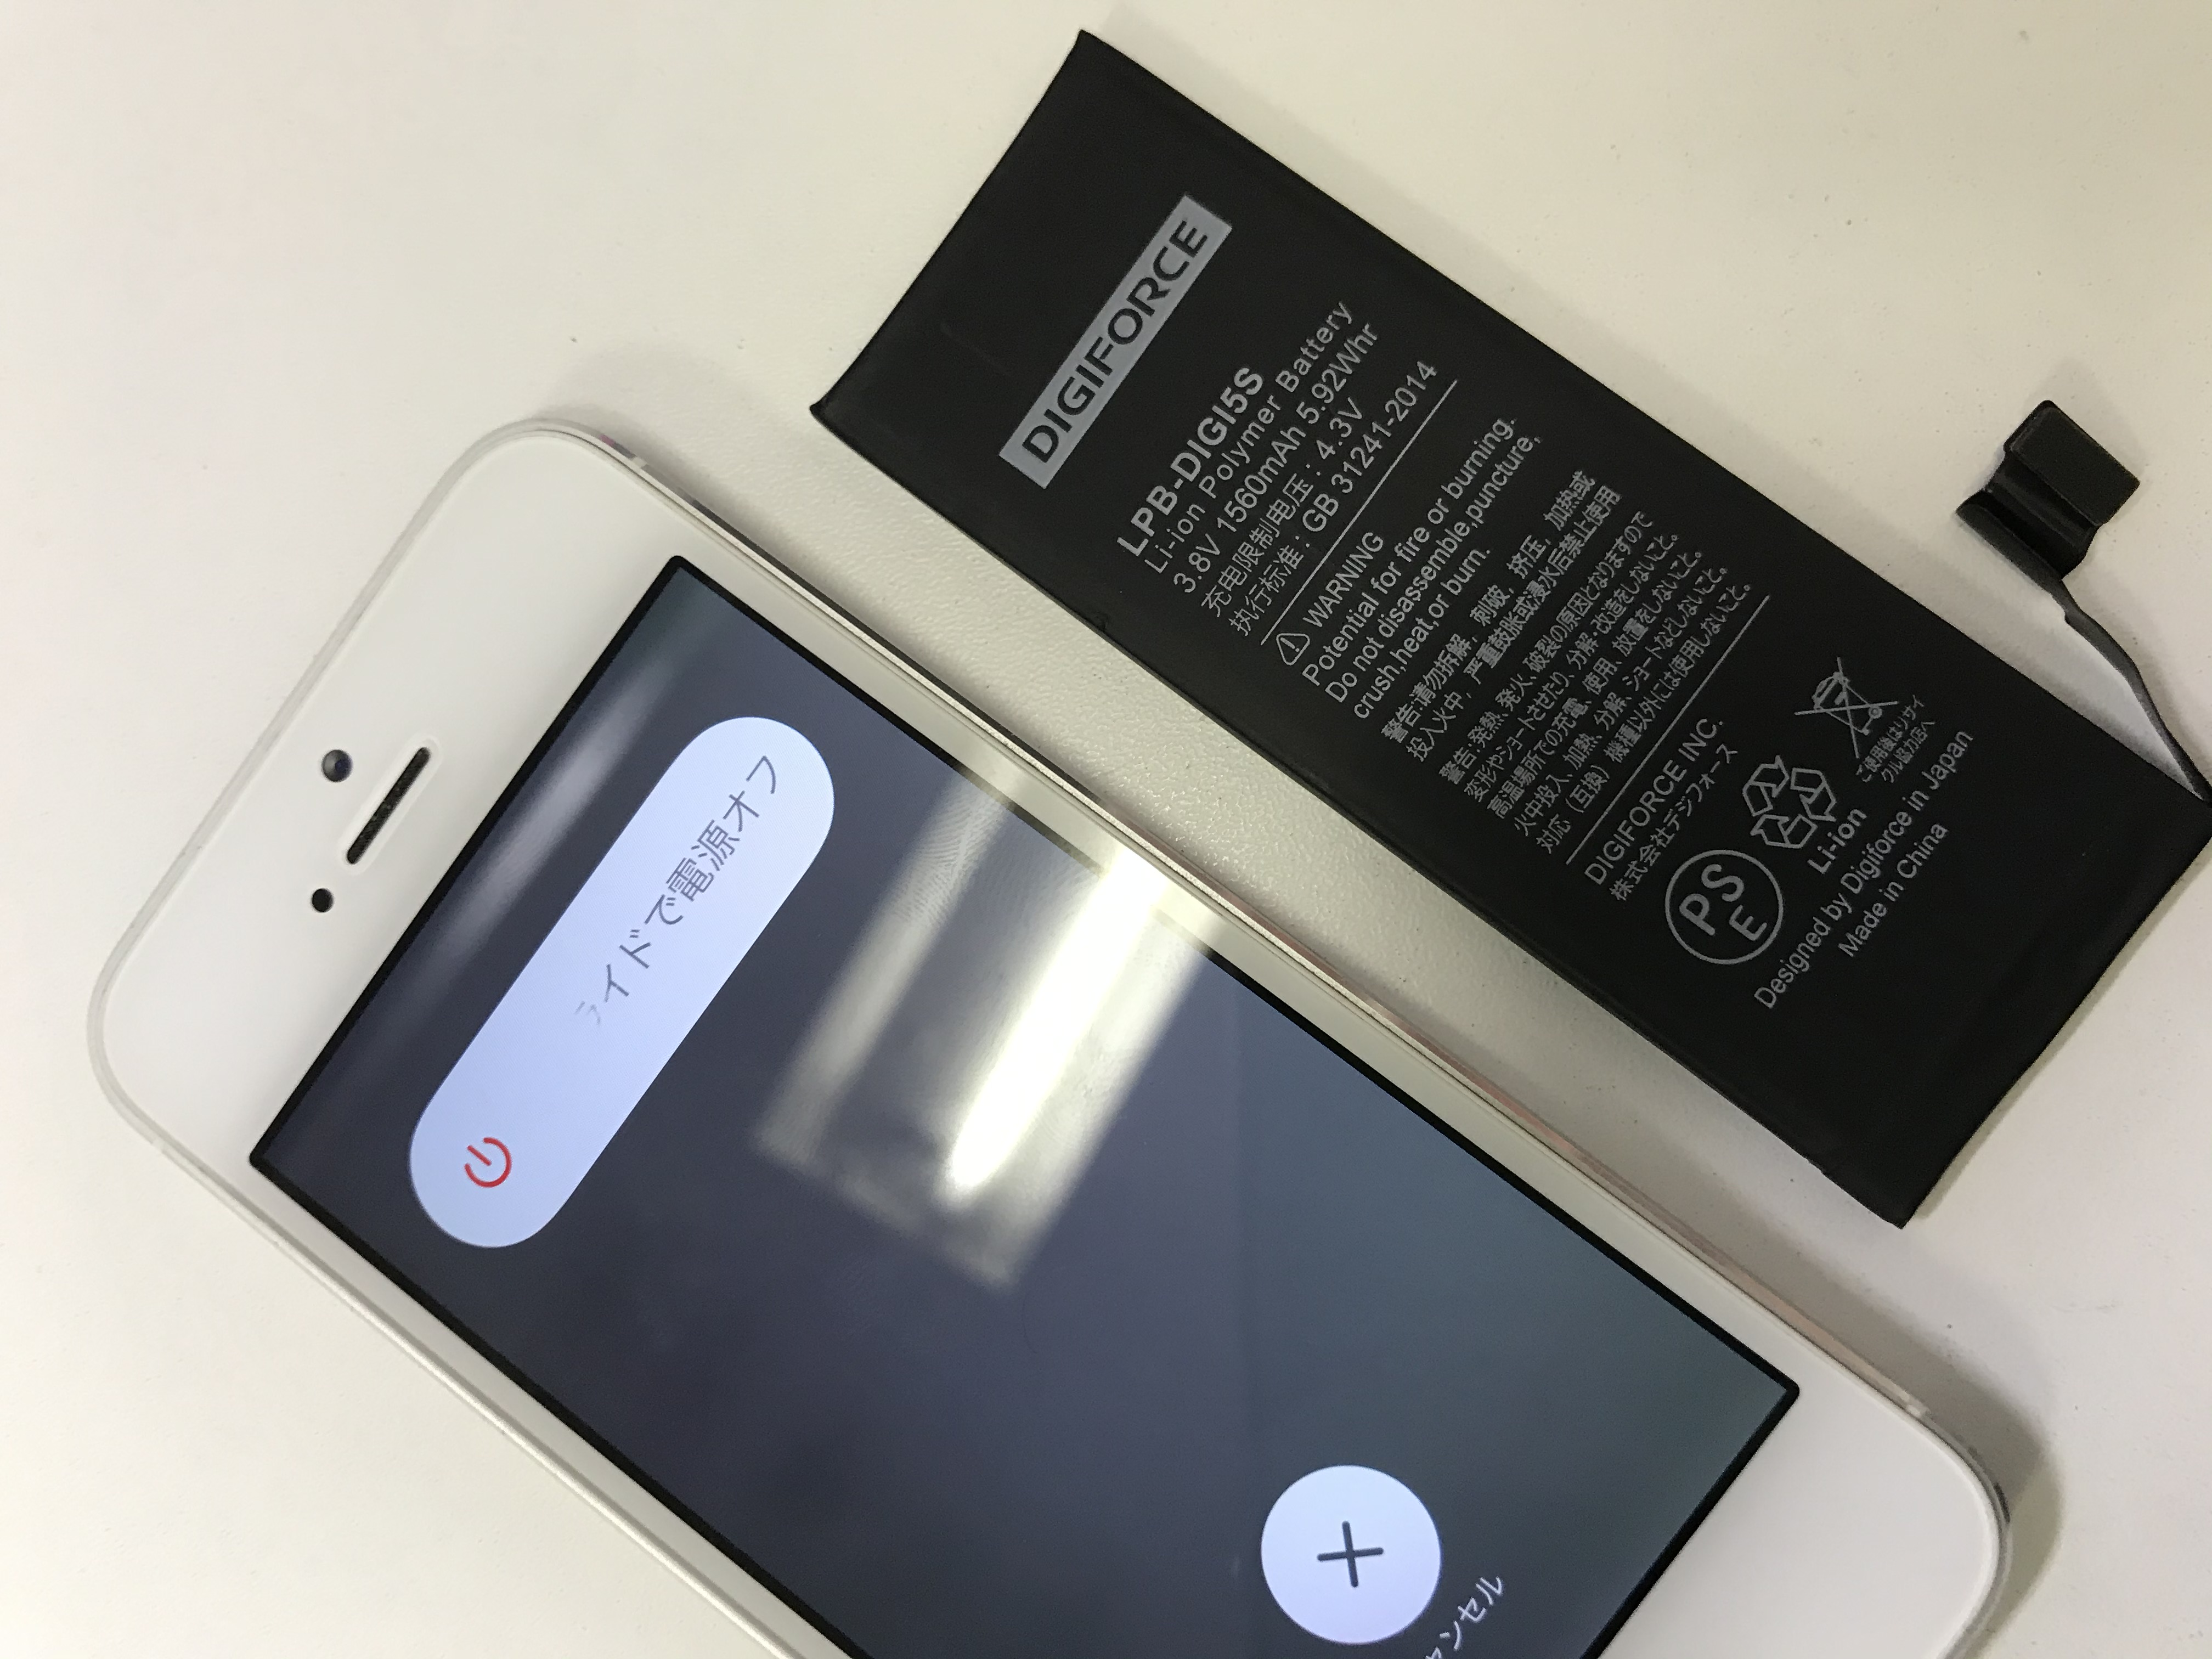 修理前:バッテリーの消費が早くなってきた!?iPhone5sのバッテリー交換できます!